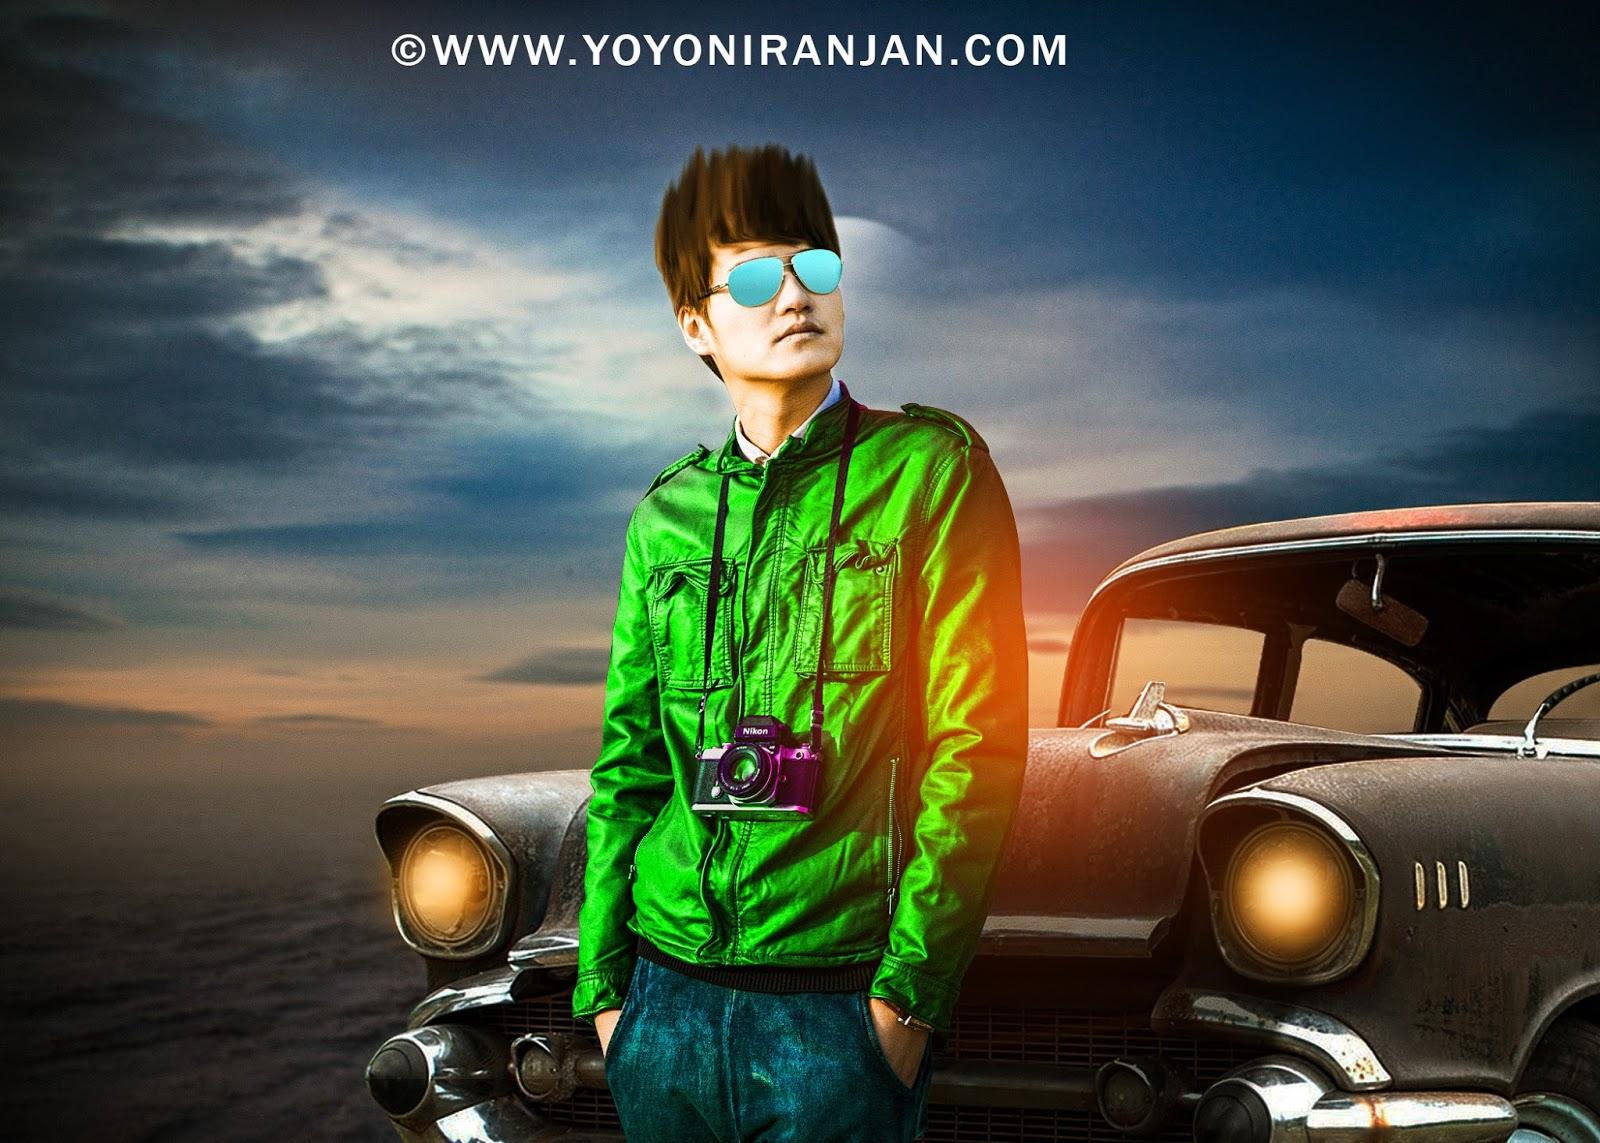 Photo Edit Photoshop Cc Professional Cb Edit Tutorial Yo Yo Niranjan